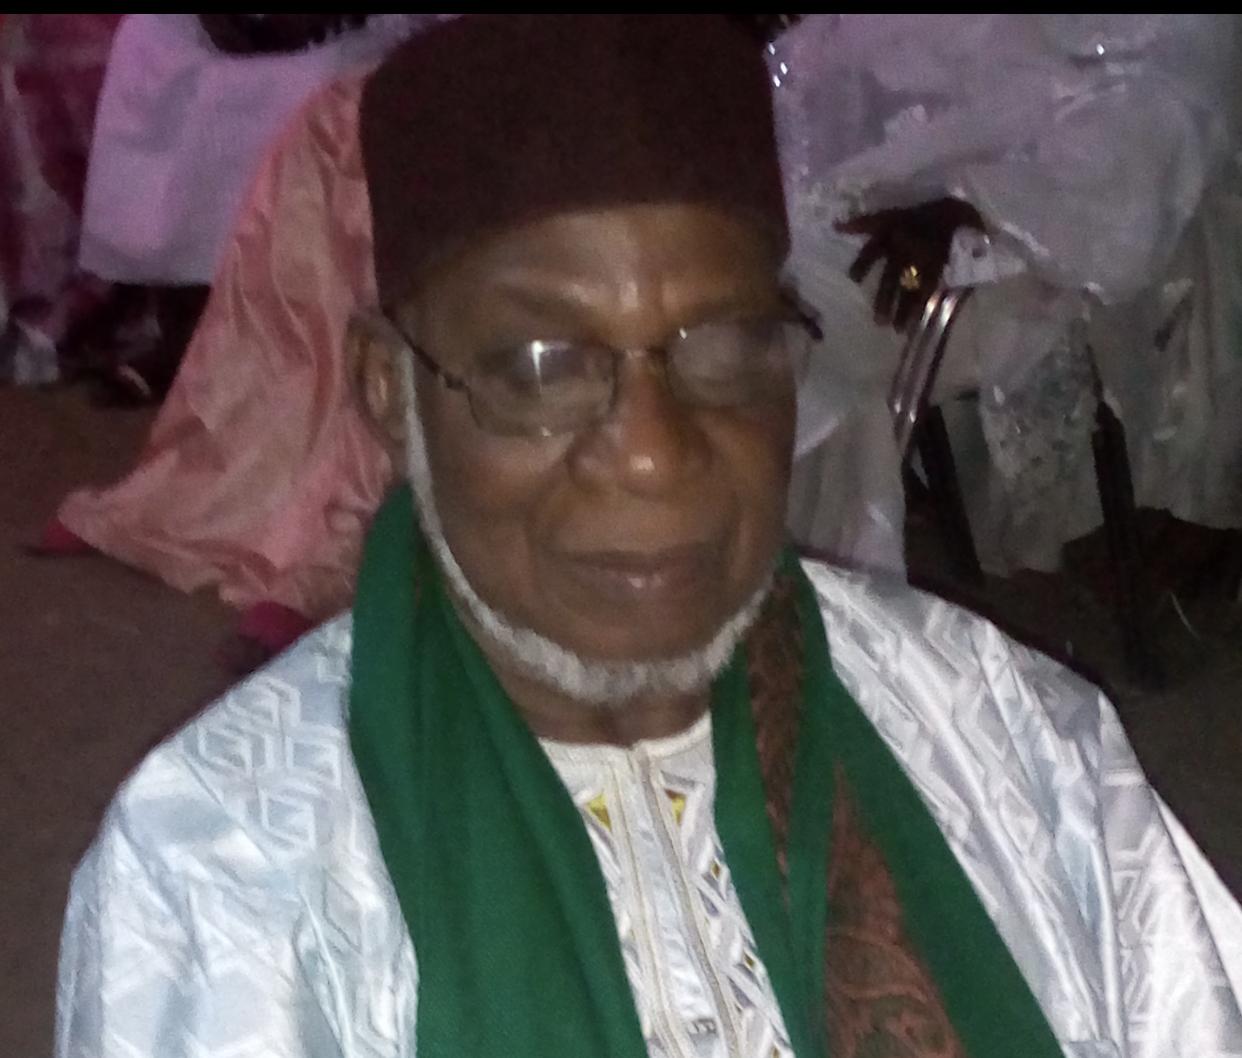 Nguékhokh : Respecter les enseignements du Coran, lutter contre l'homosexualité, le retour aux valeurs restent le discours du Gamou de El Hamidou Diallo...